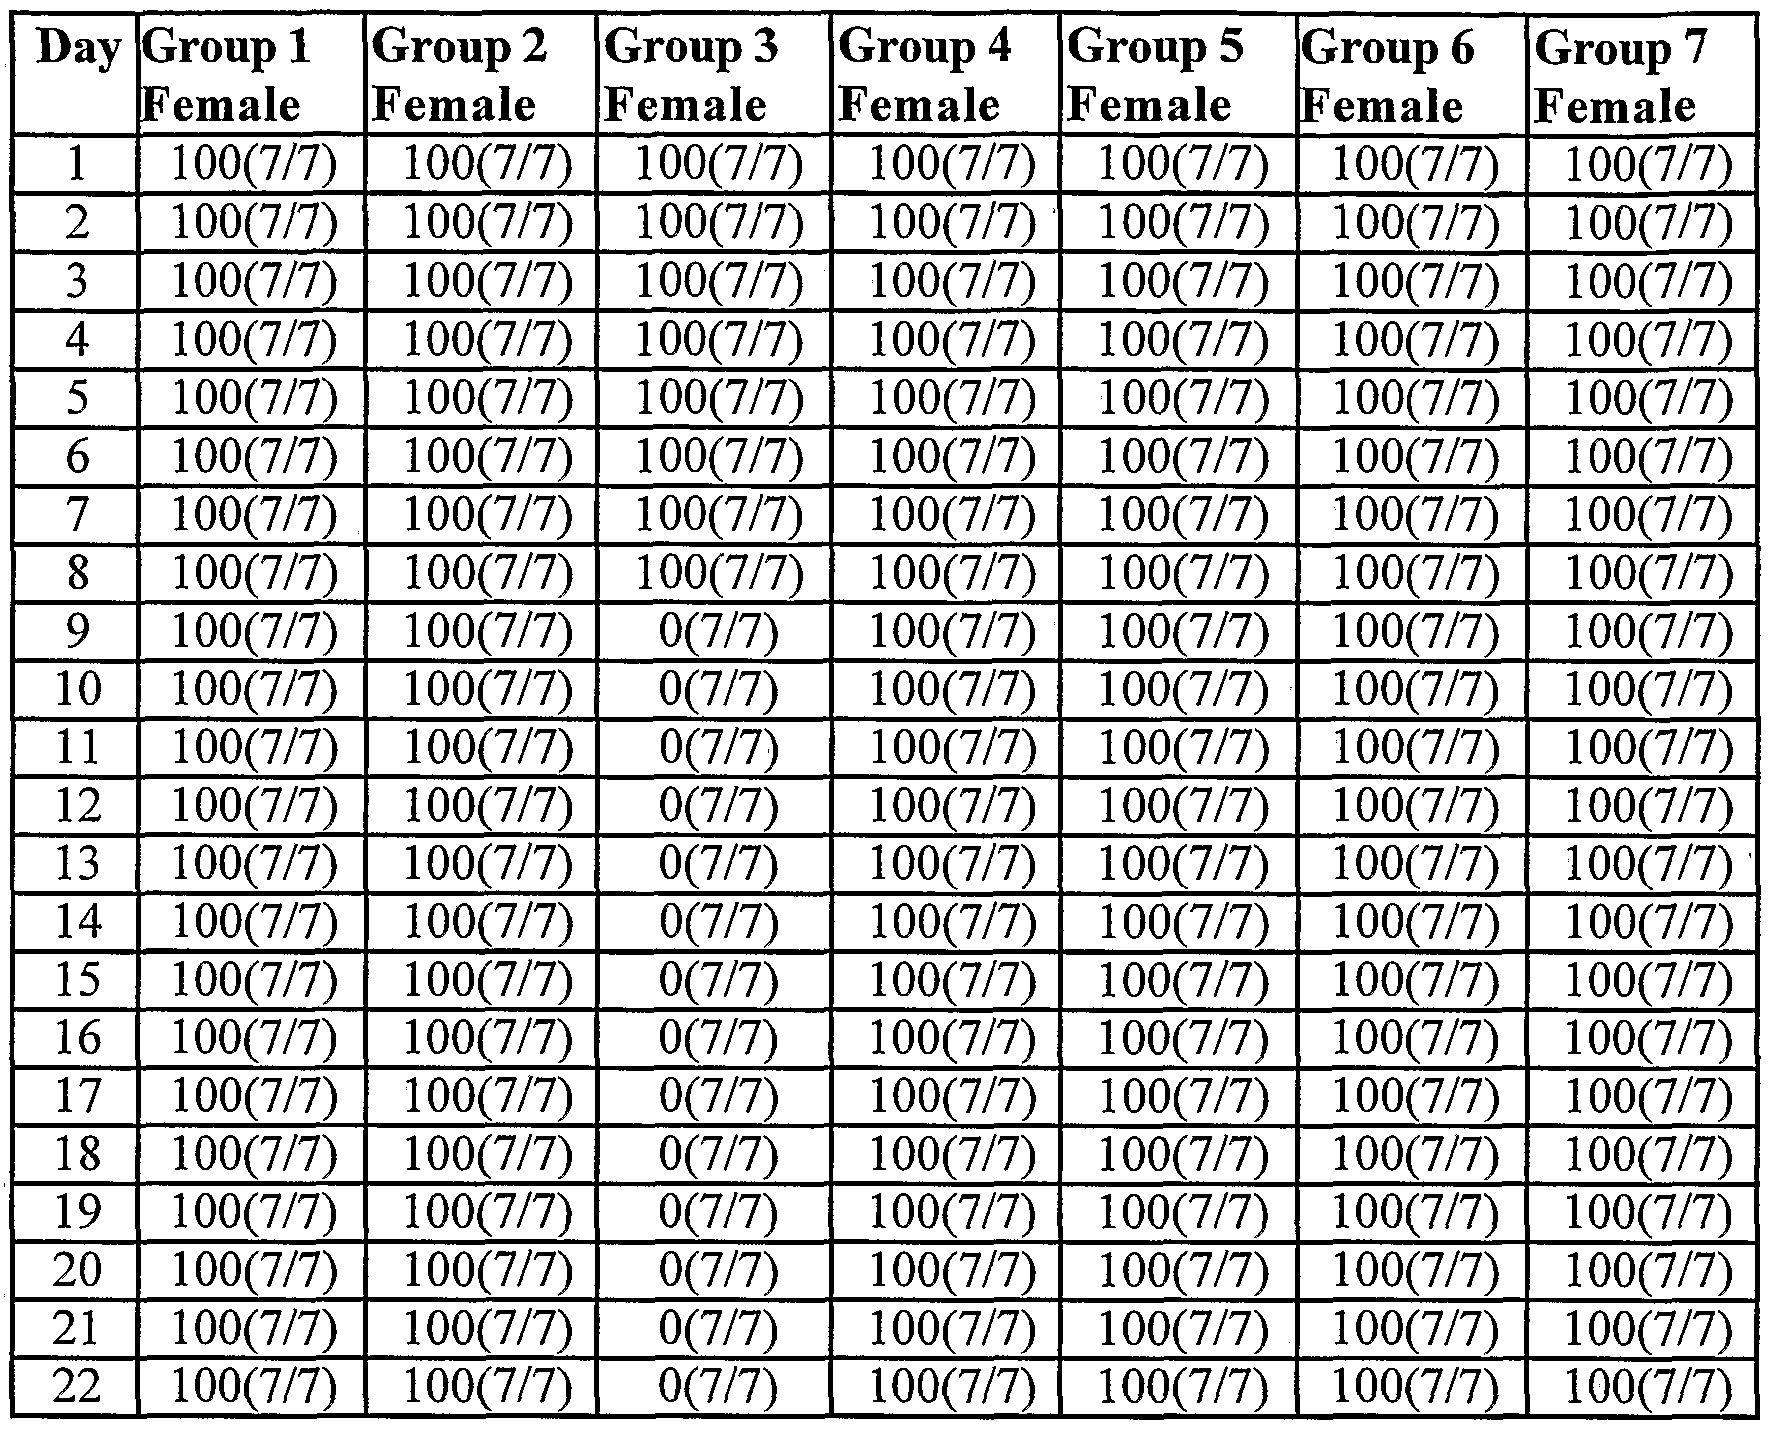 Multi Dose Vial 28 Day Expiration Calendar :-Free Calendar